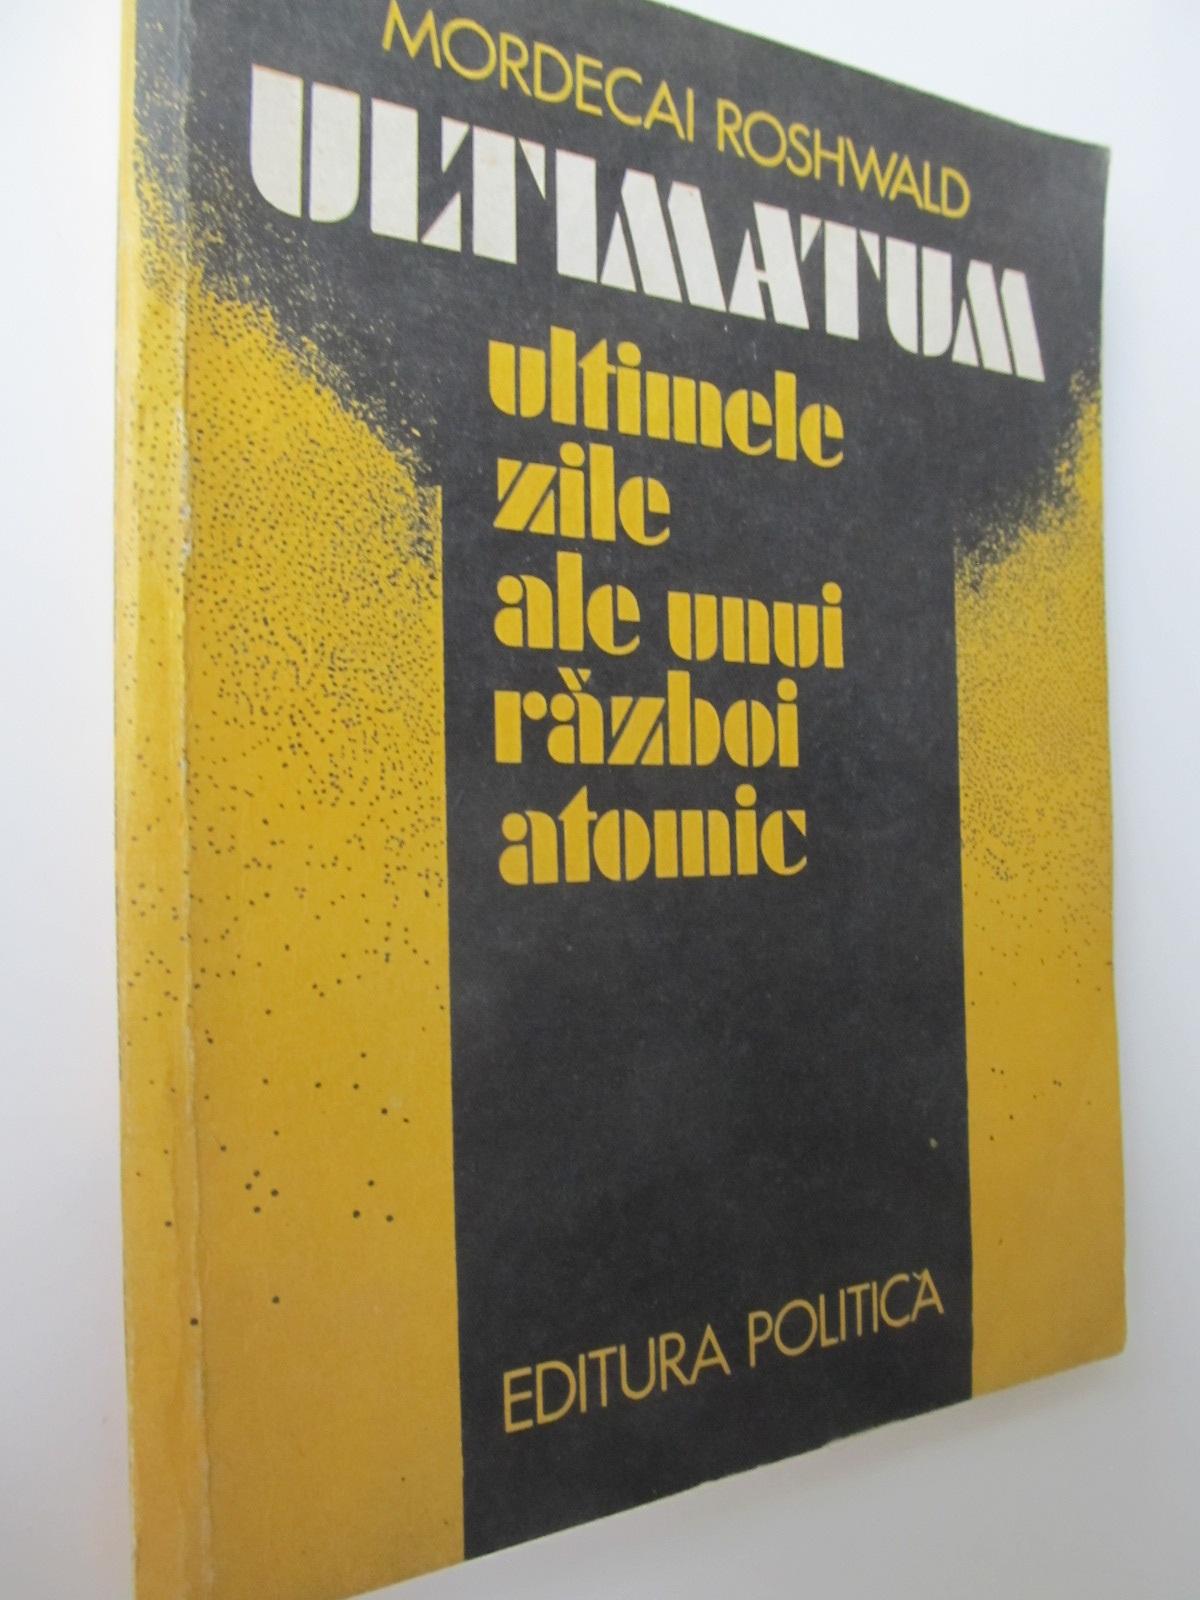 Ultimatum - Ultimele zile ale unui razboi atomic - Mordecai Roshwald | Detalii carte